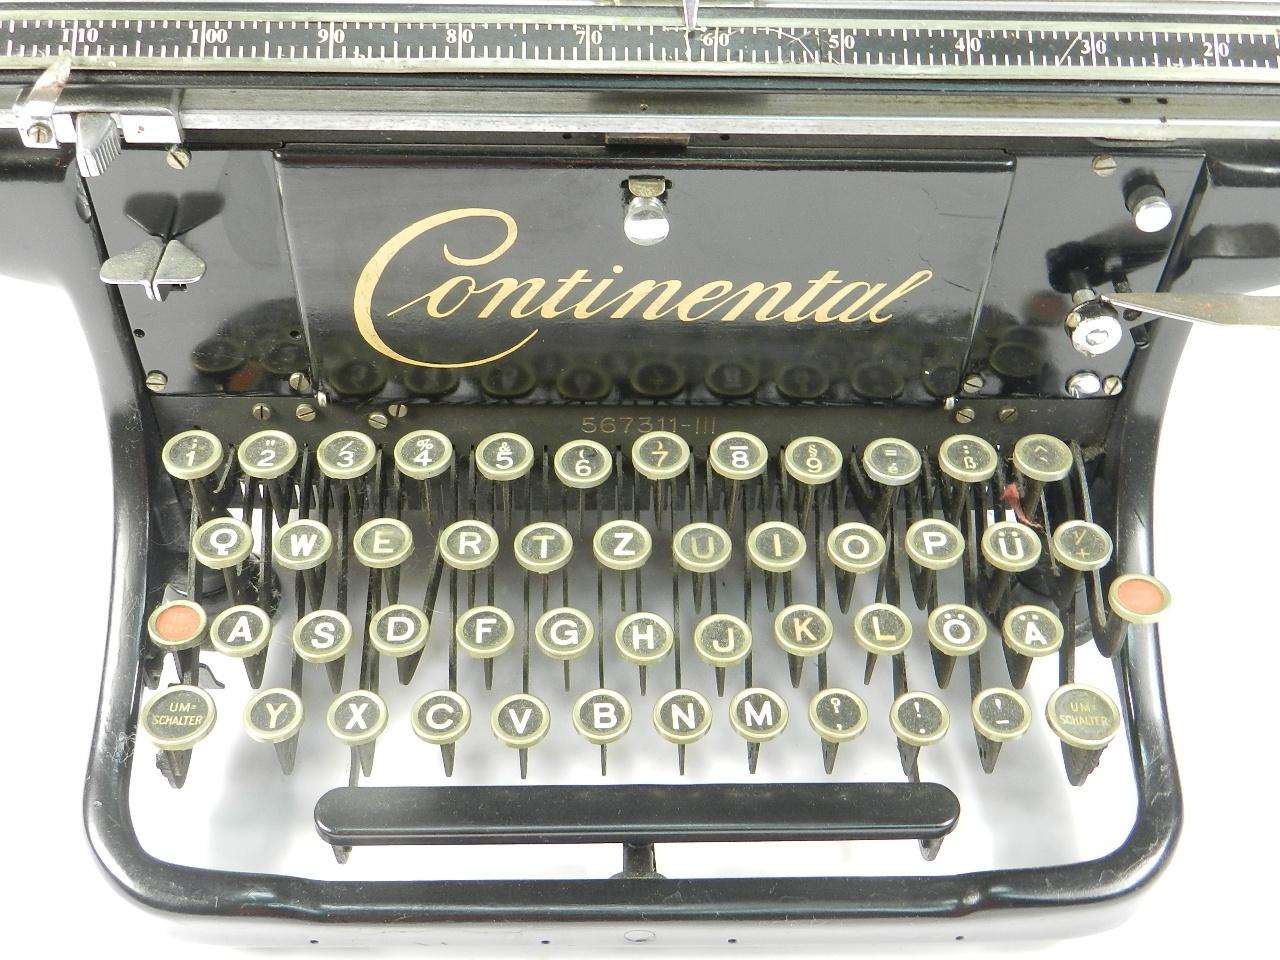 Imagen CONTINENTAL AÑO 1925 39102